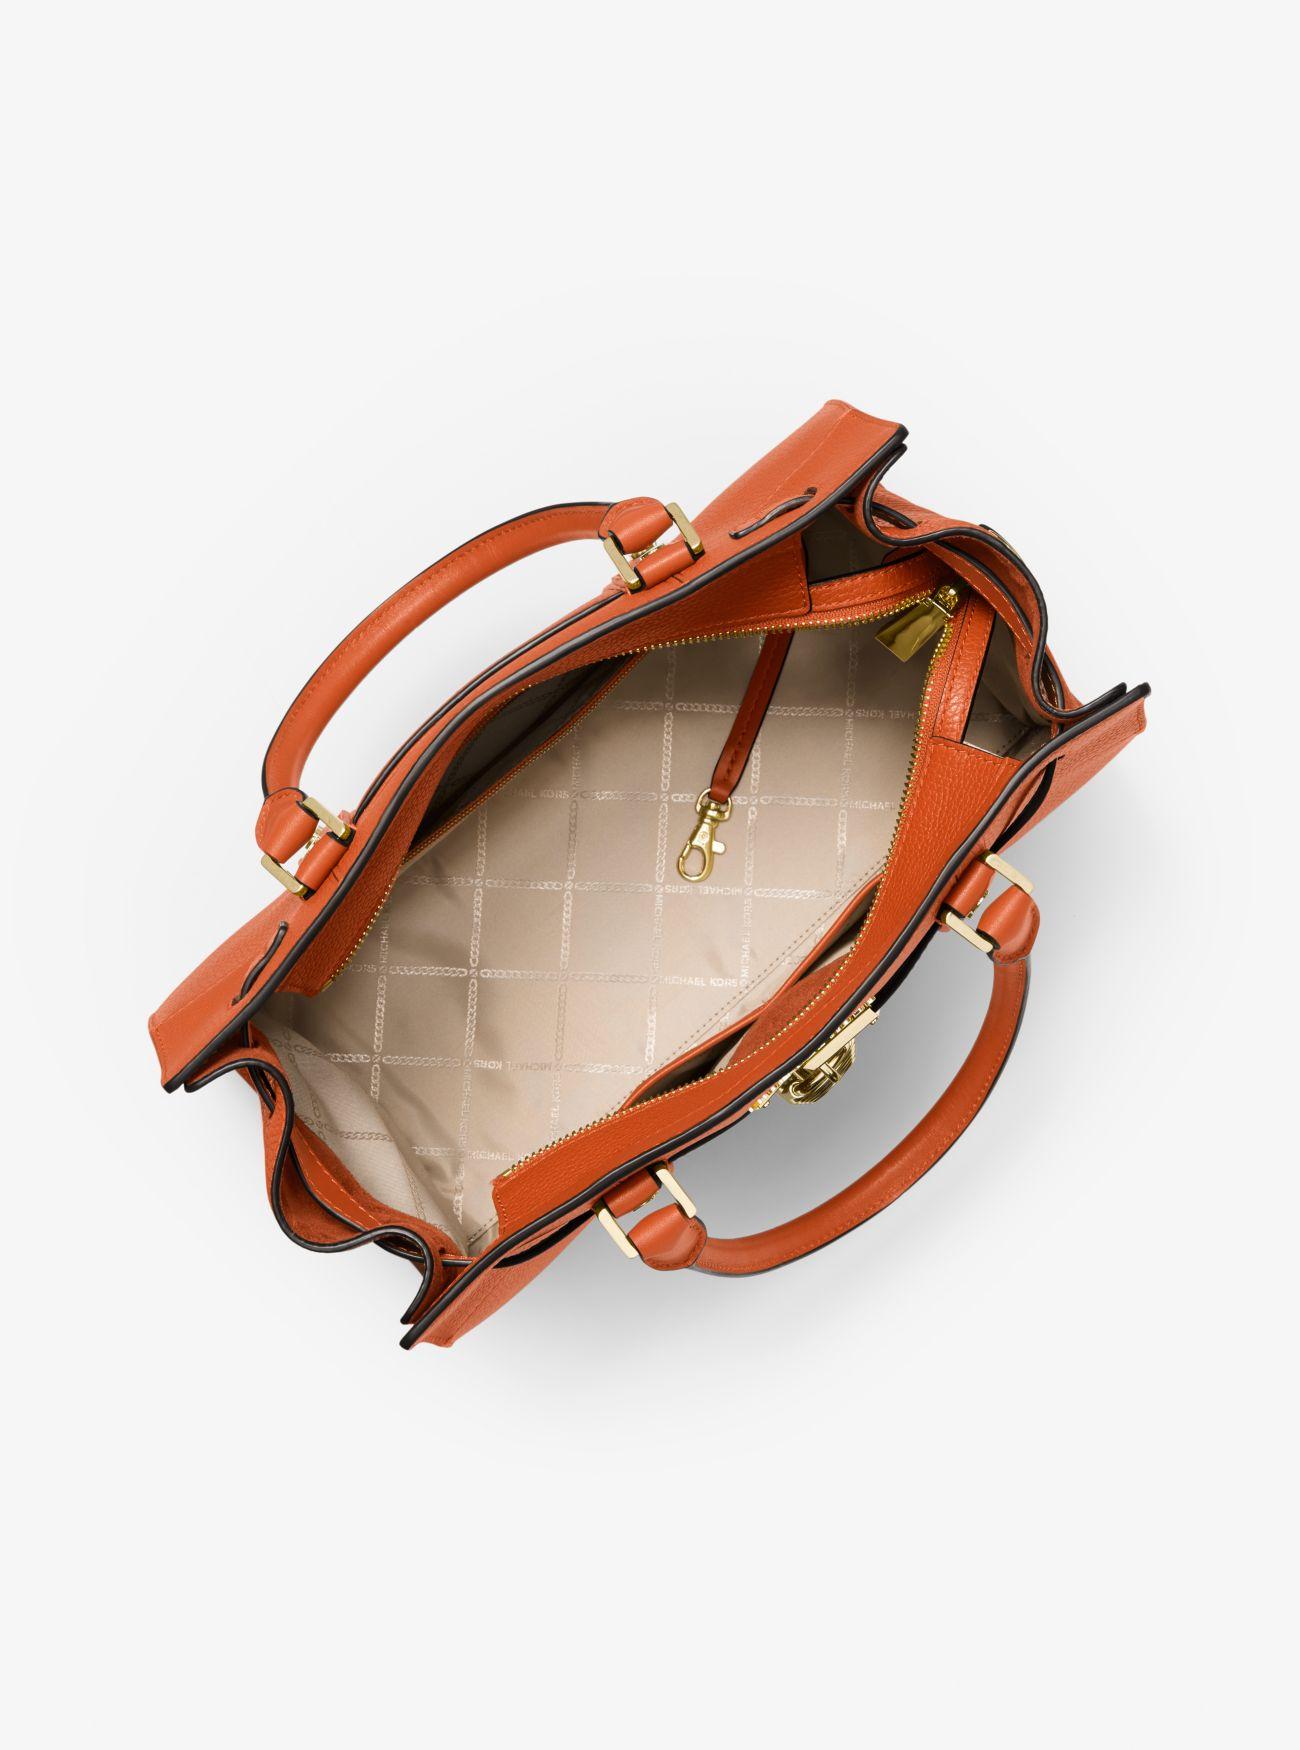 4c5055d90a20b Nouveau Hamilton Large Pebbled Leather Satchel Nouveau Hamilton Large  Pebbled Leather Satchel ...